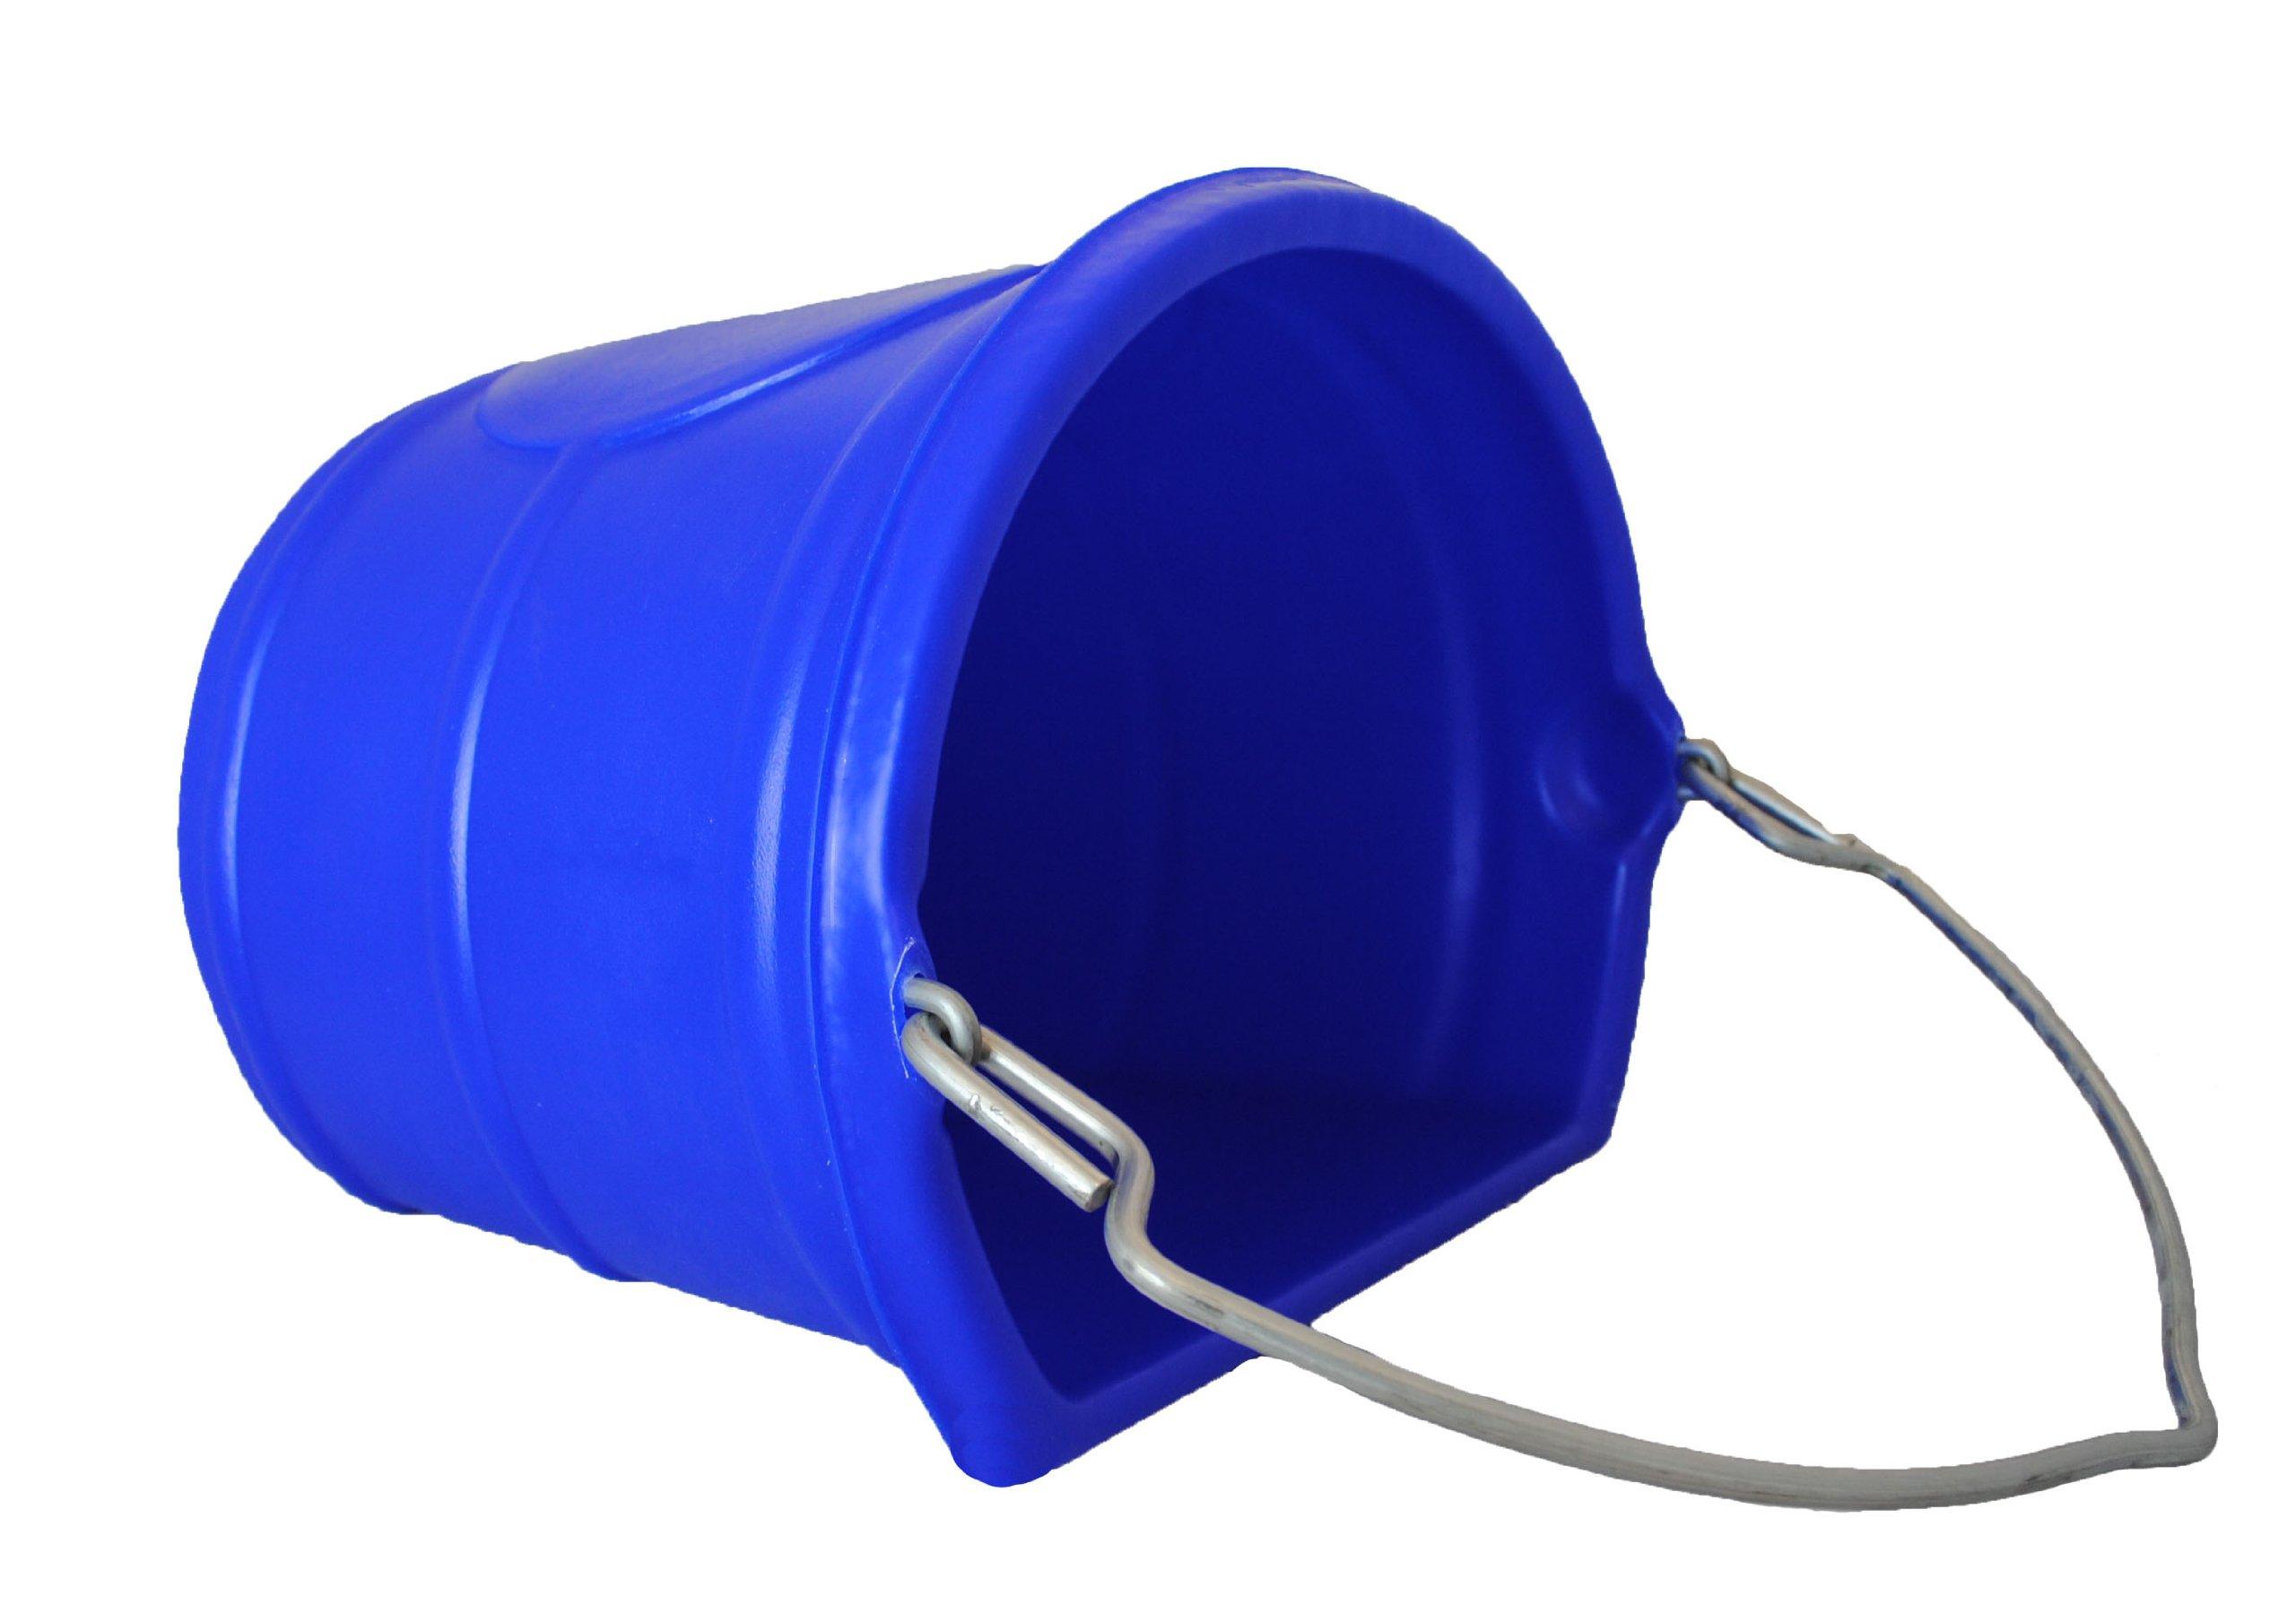 Horsemen's Pride 20-Quart Water Bucket, Blue by Horsemen's Pride (Image #1)